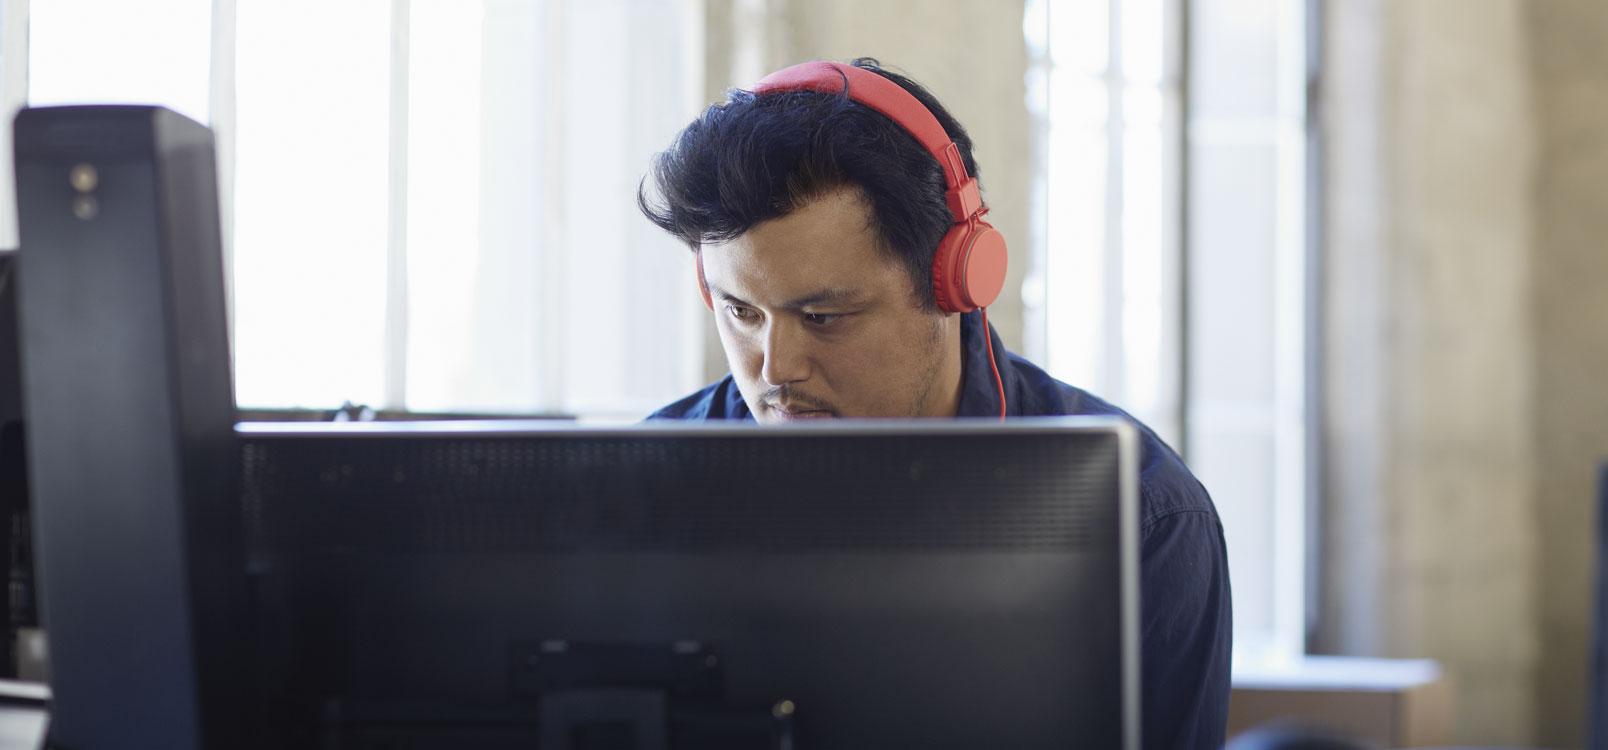 Muškarac nosi slušalice i radi za stonim računarom koristeći Office 365 kako bi pojednostavio IT.